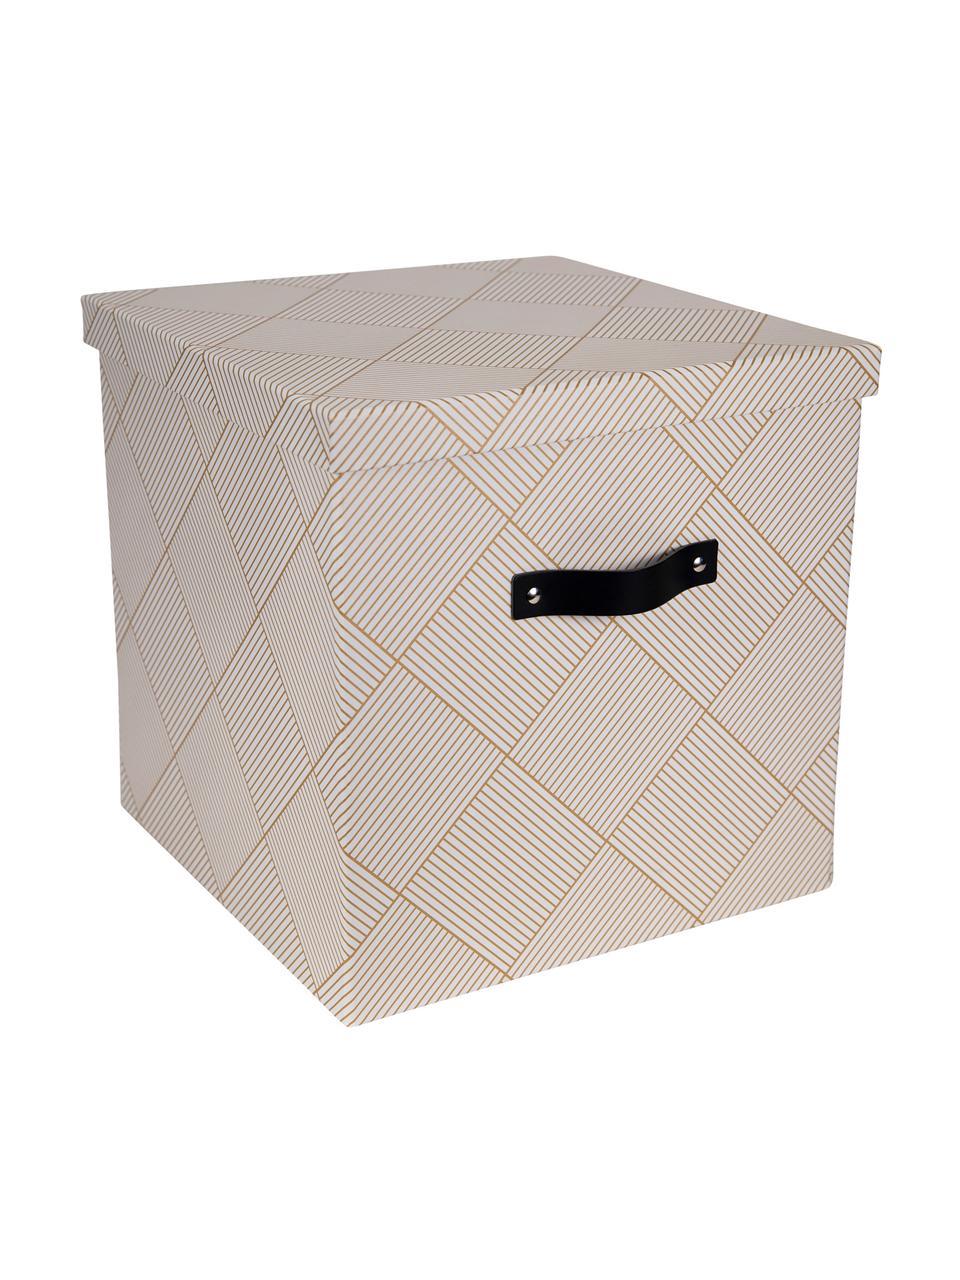 Aufbewahrungsbox Texas, Box: Fester, laminierter Karto, Griff: Leder, Goldfarben, Weiß, 32 x 31 cm